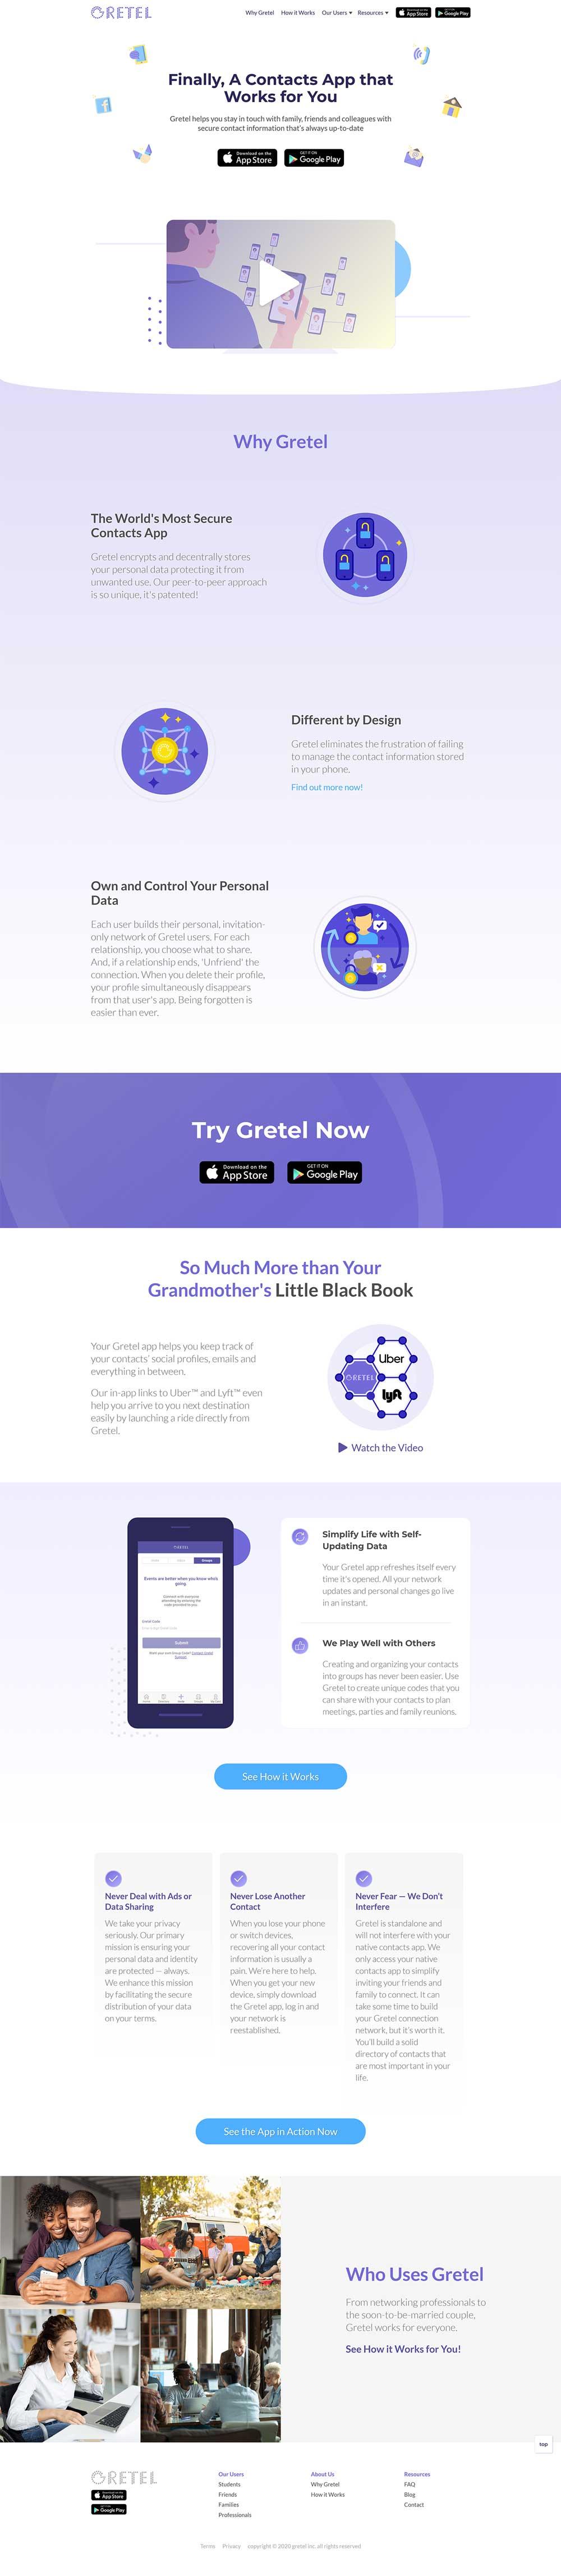 Gretel After